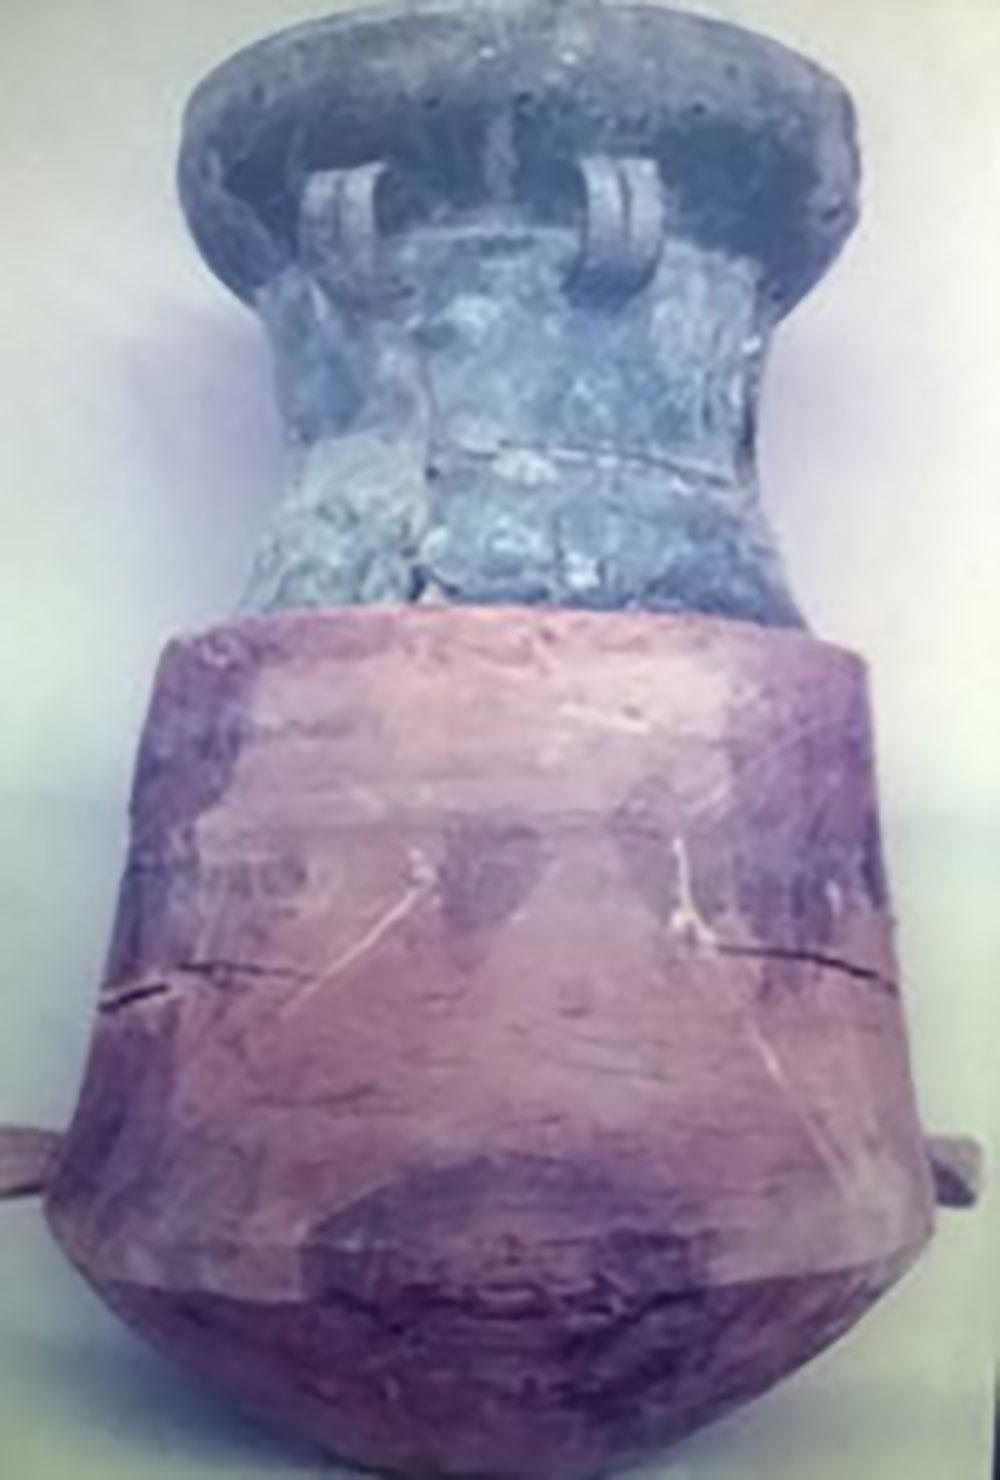 Mộ chum gỗ nắp trống đồng, Bình Dương, táng thức, lần đầu phát hiện